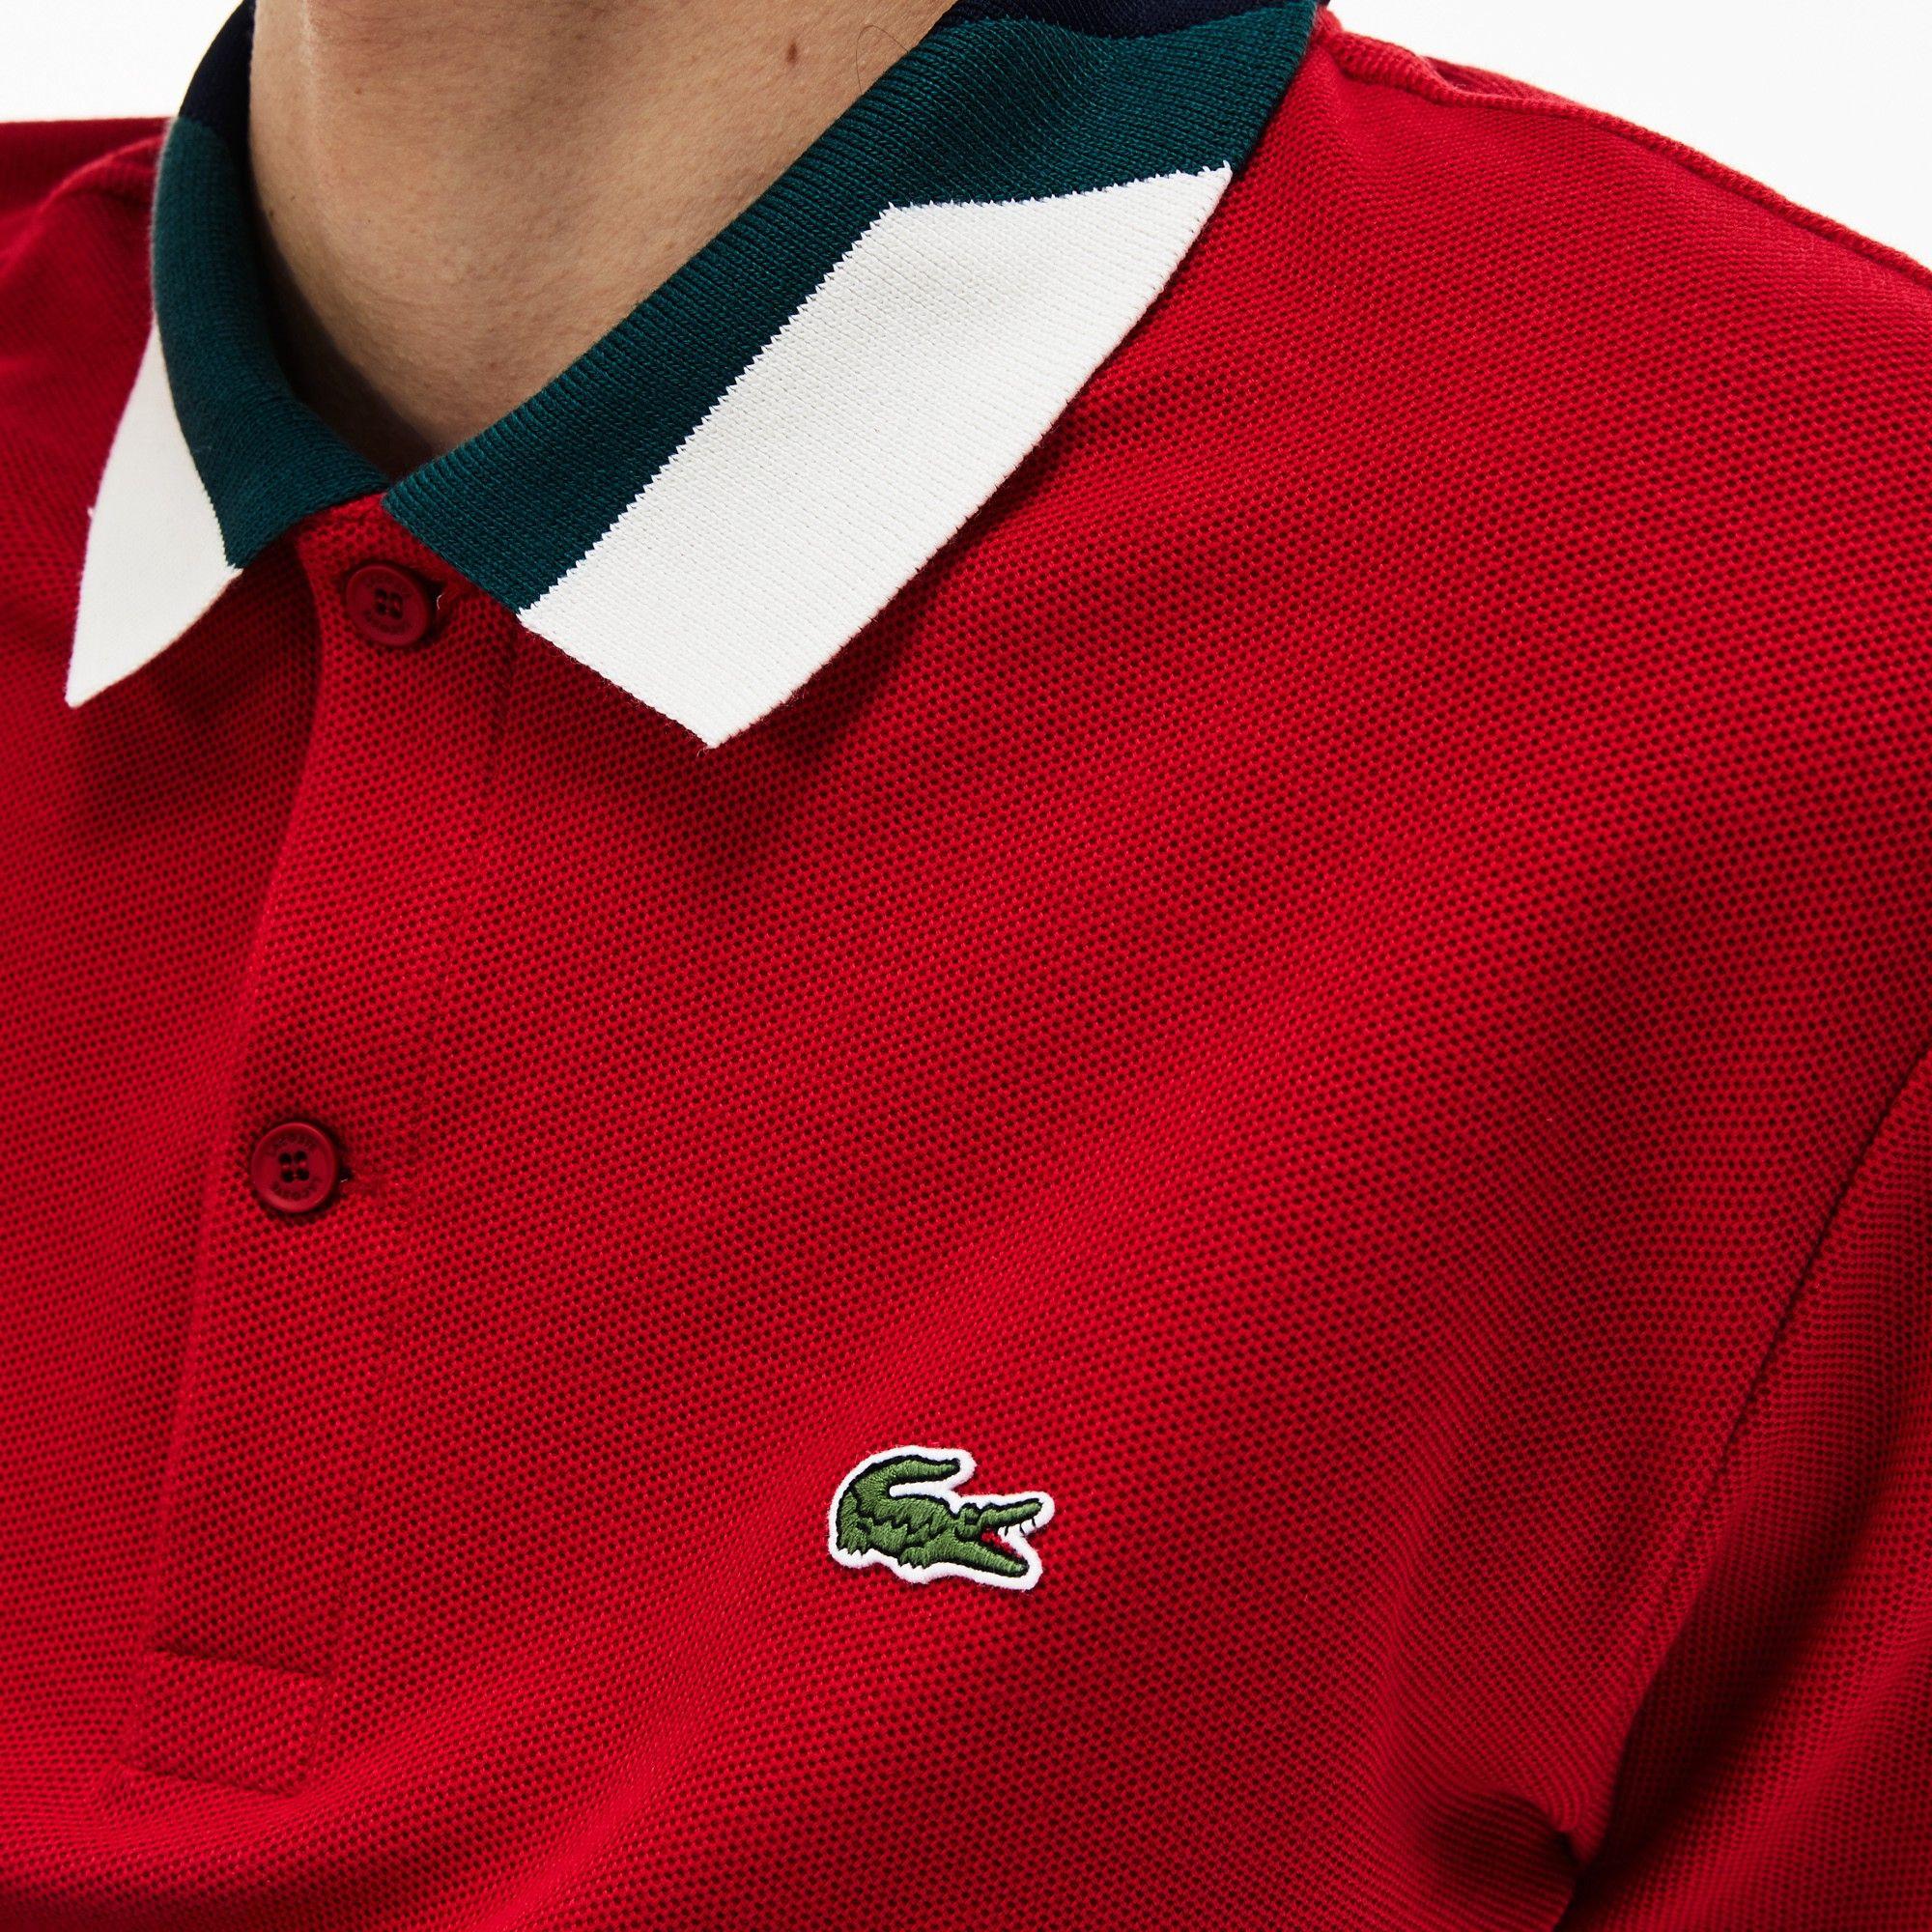 a2aa065375 Lacoste Men's Slim Fit Colorblock Striped Knop Piqué Polo Shirt ...